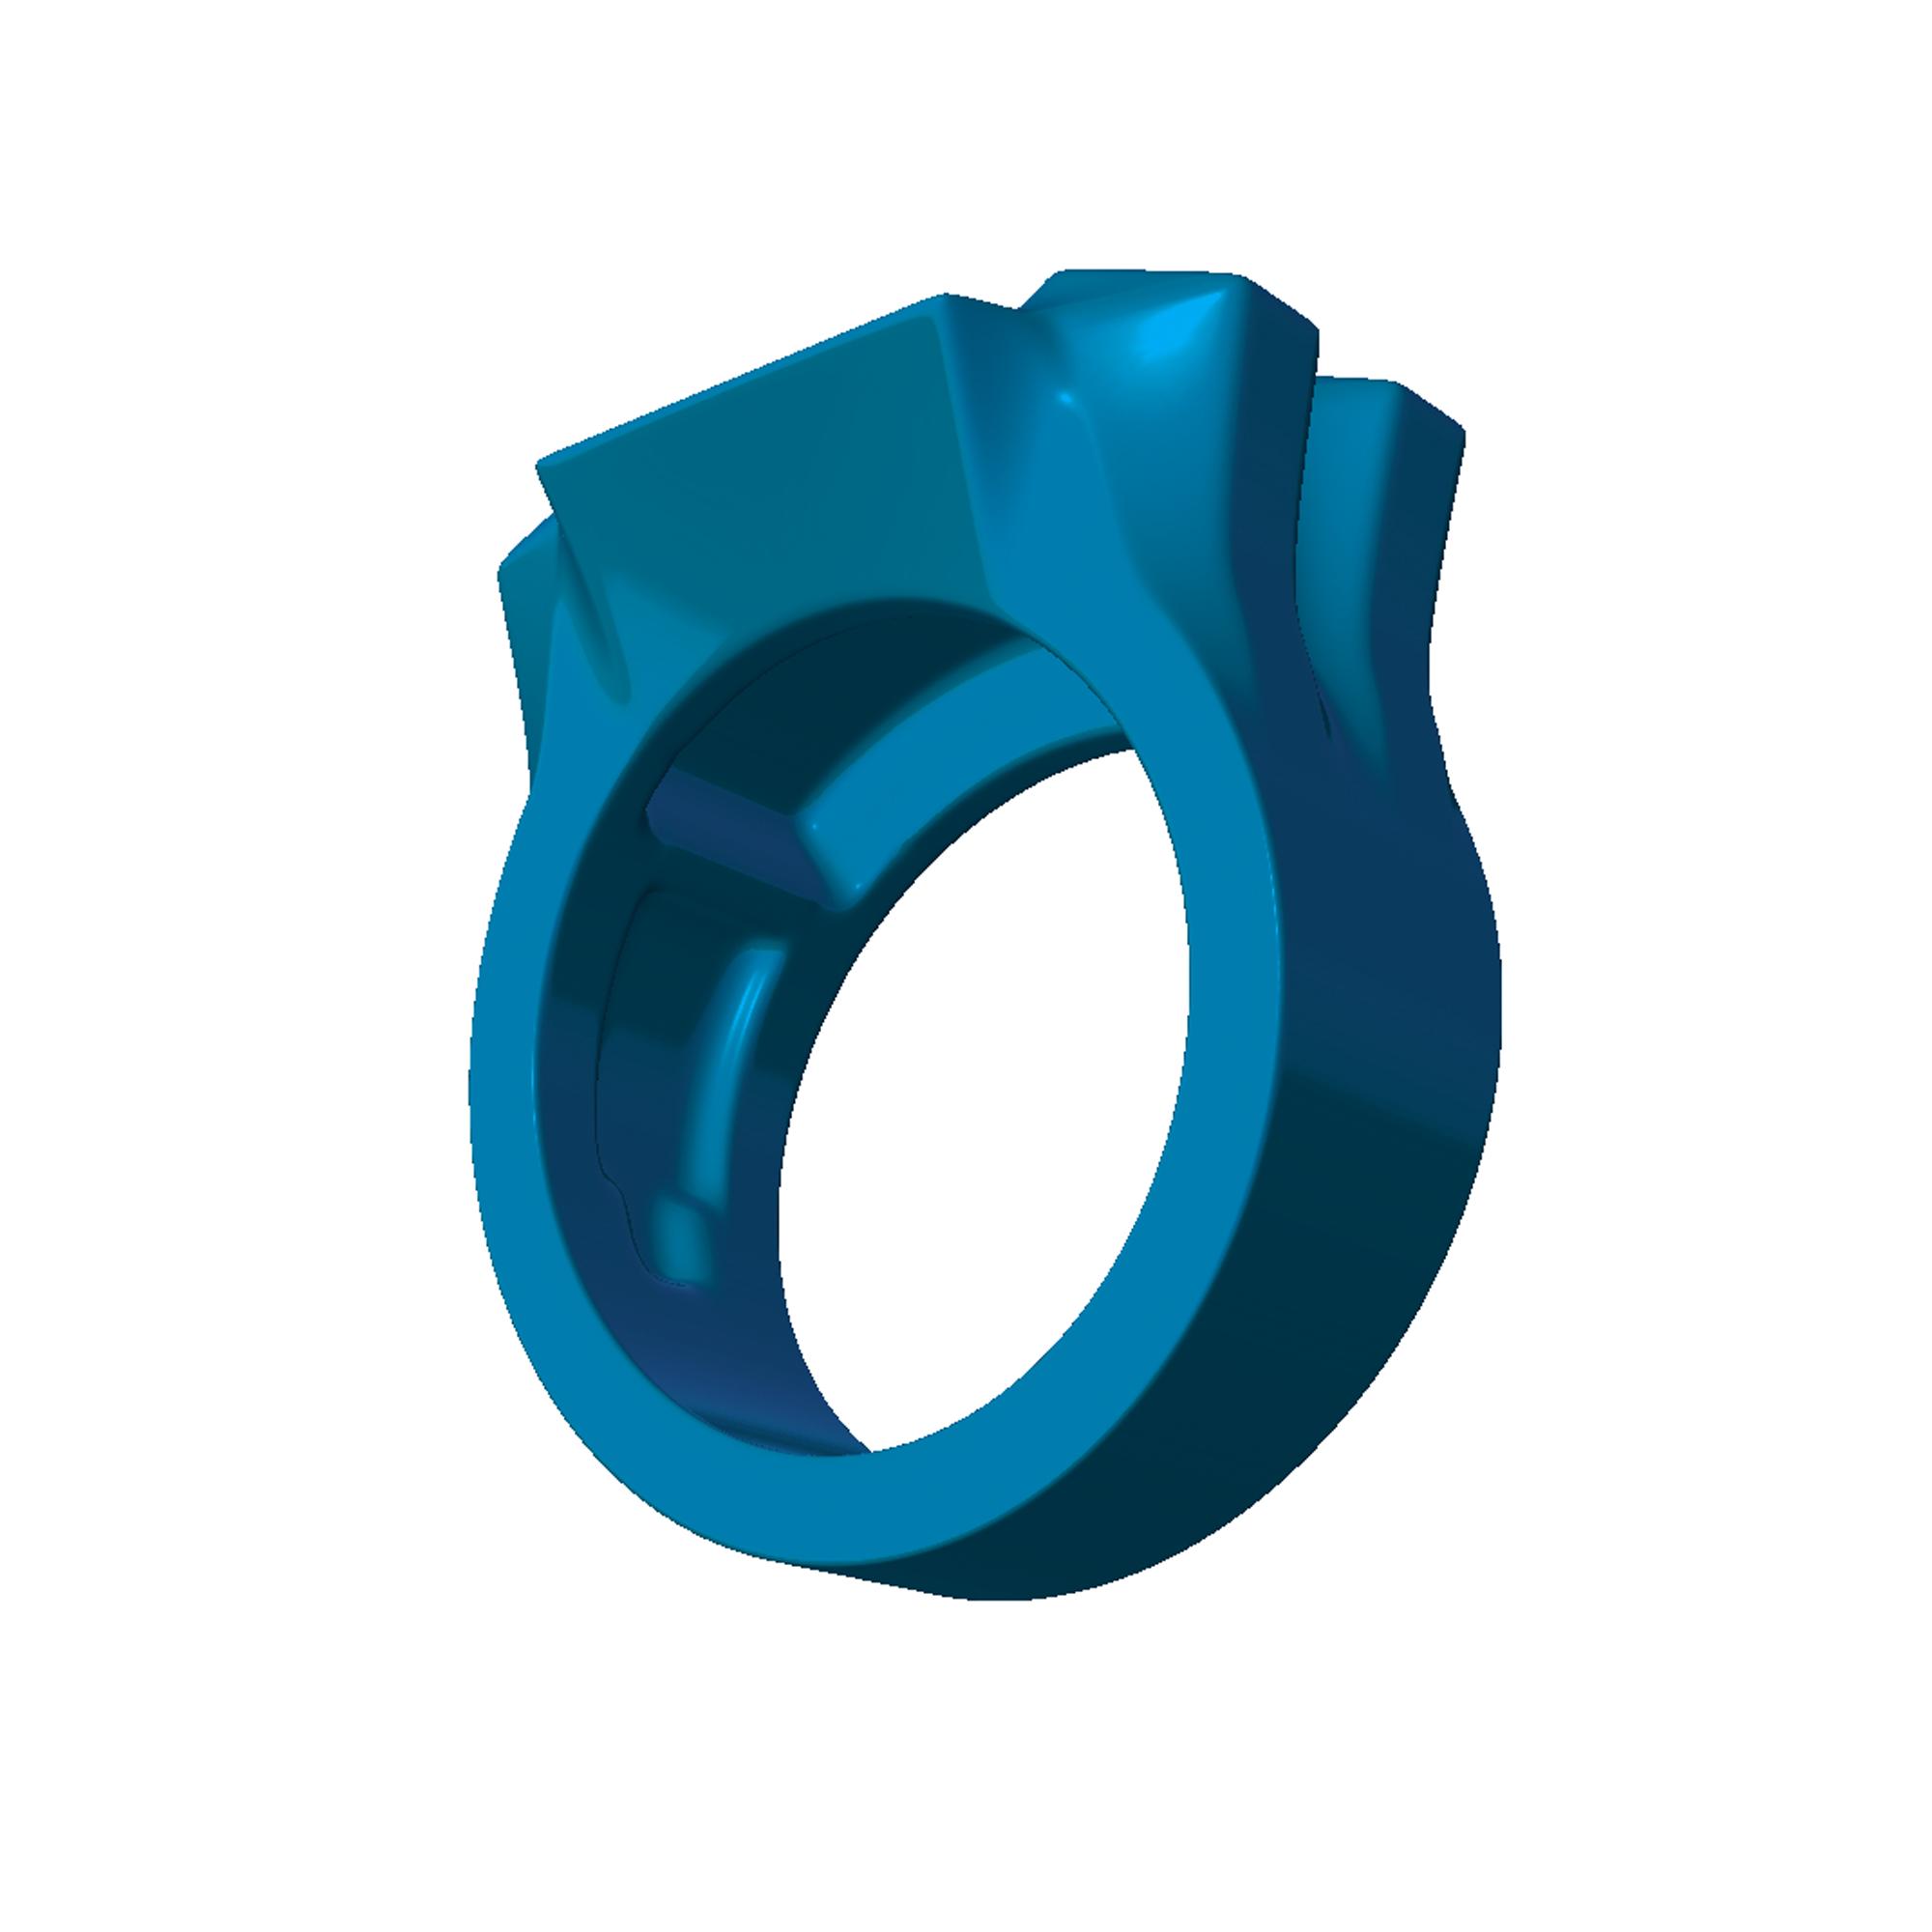 Anvil Ring Rendering